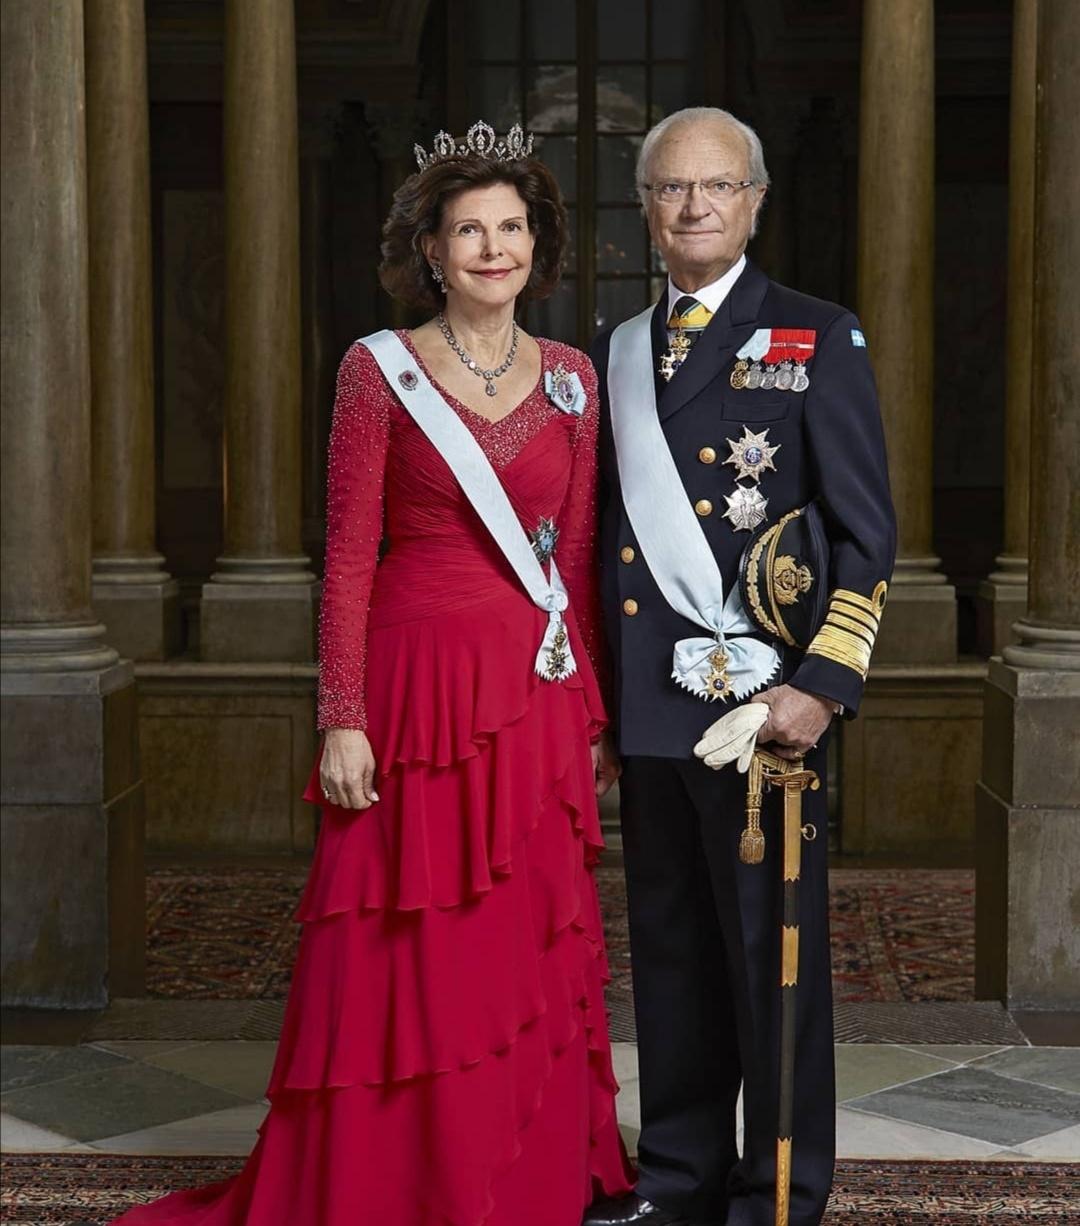 الملك كارل السادس عشر غوستاف والملكة سيلفيا سومرلاث- الصورة من حساب The Swedish royalعلى إنستغرام